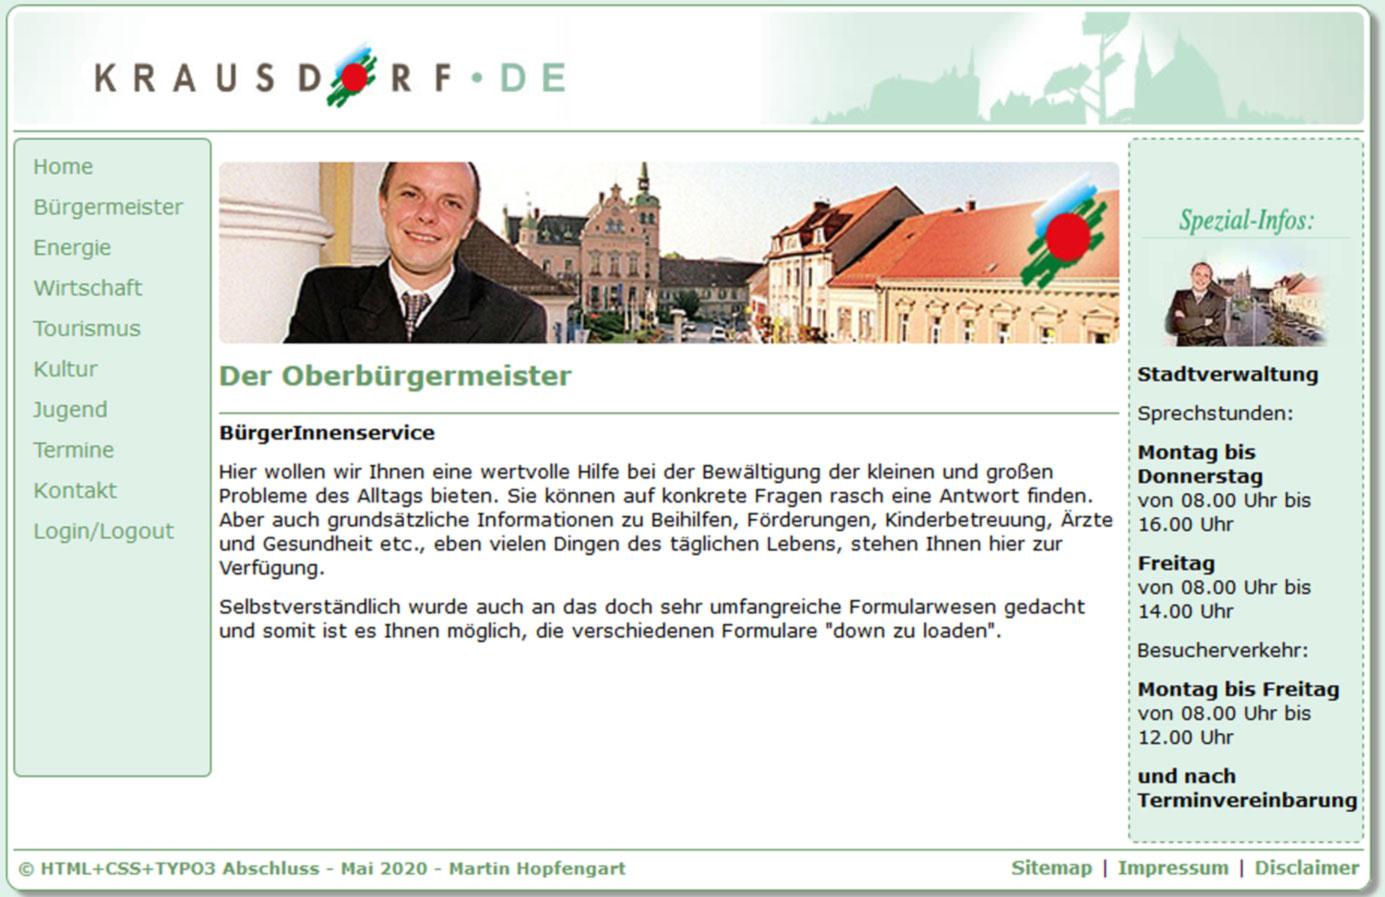 Krausdorf_02